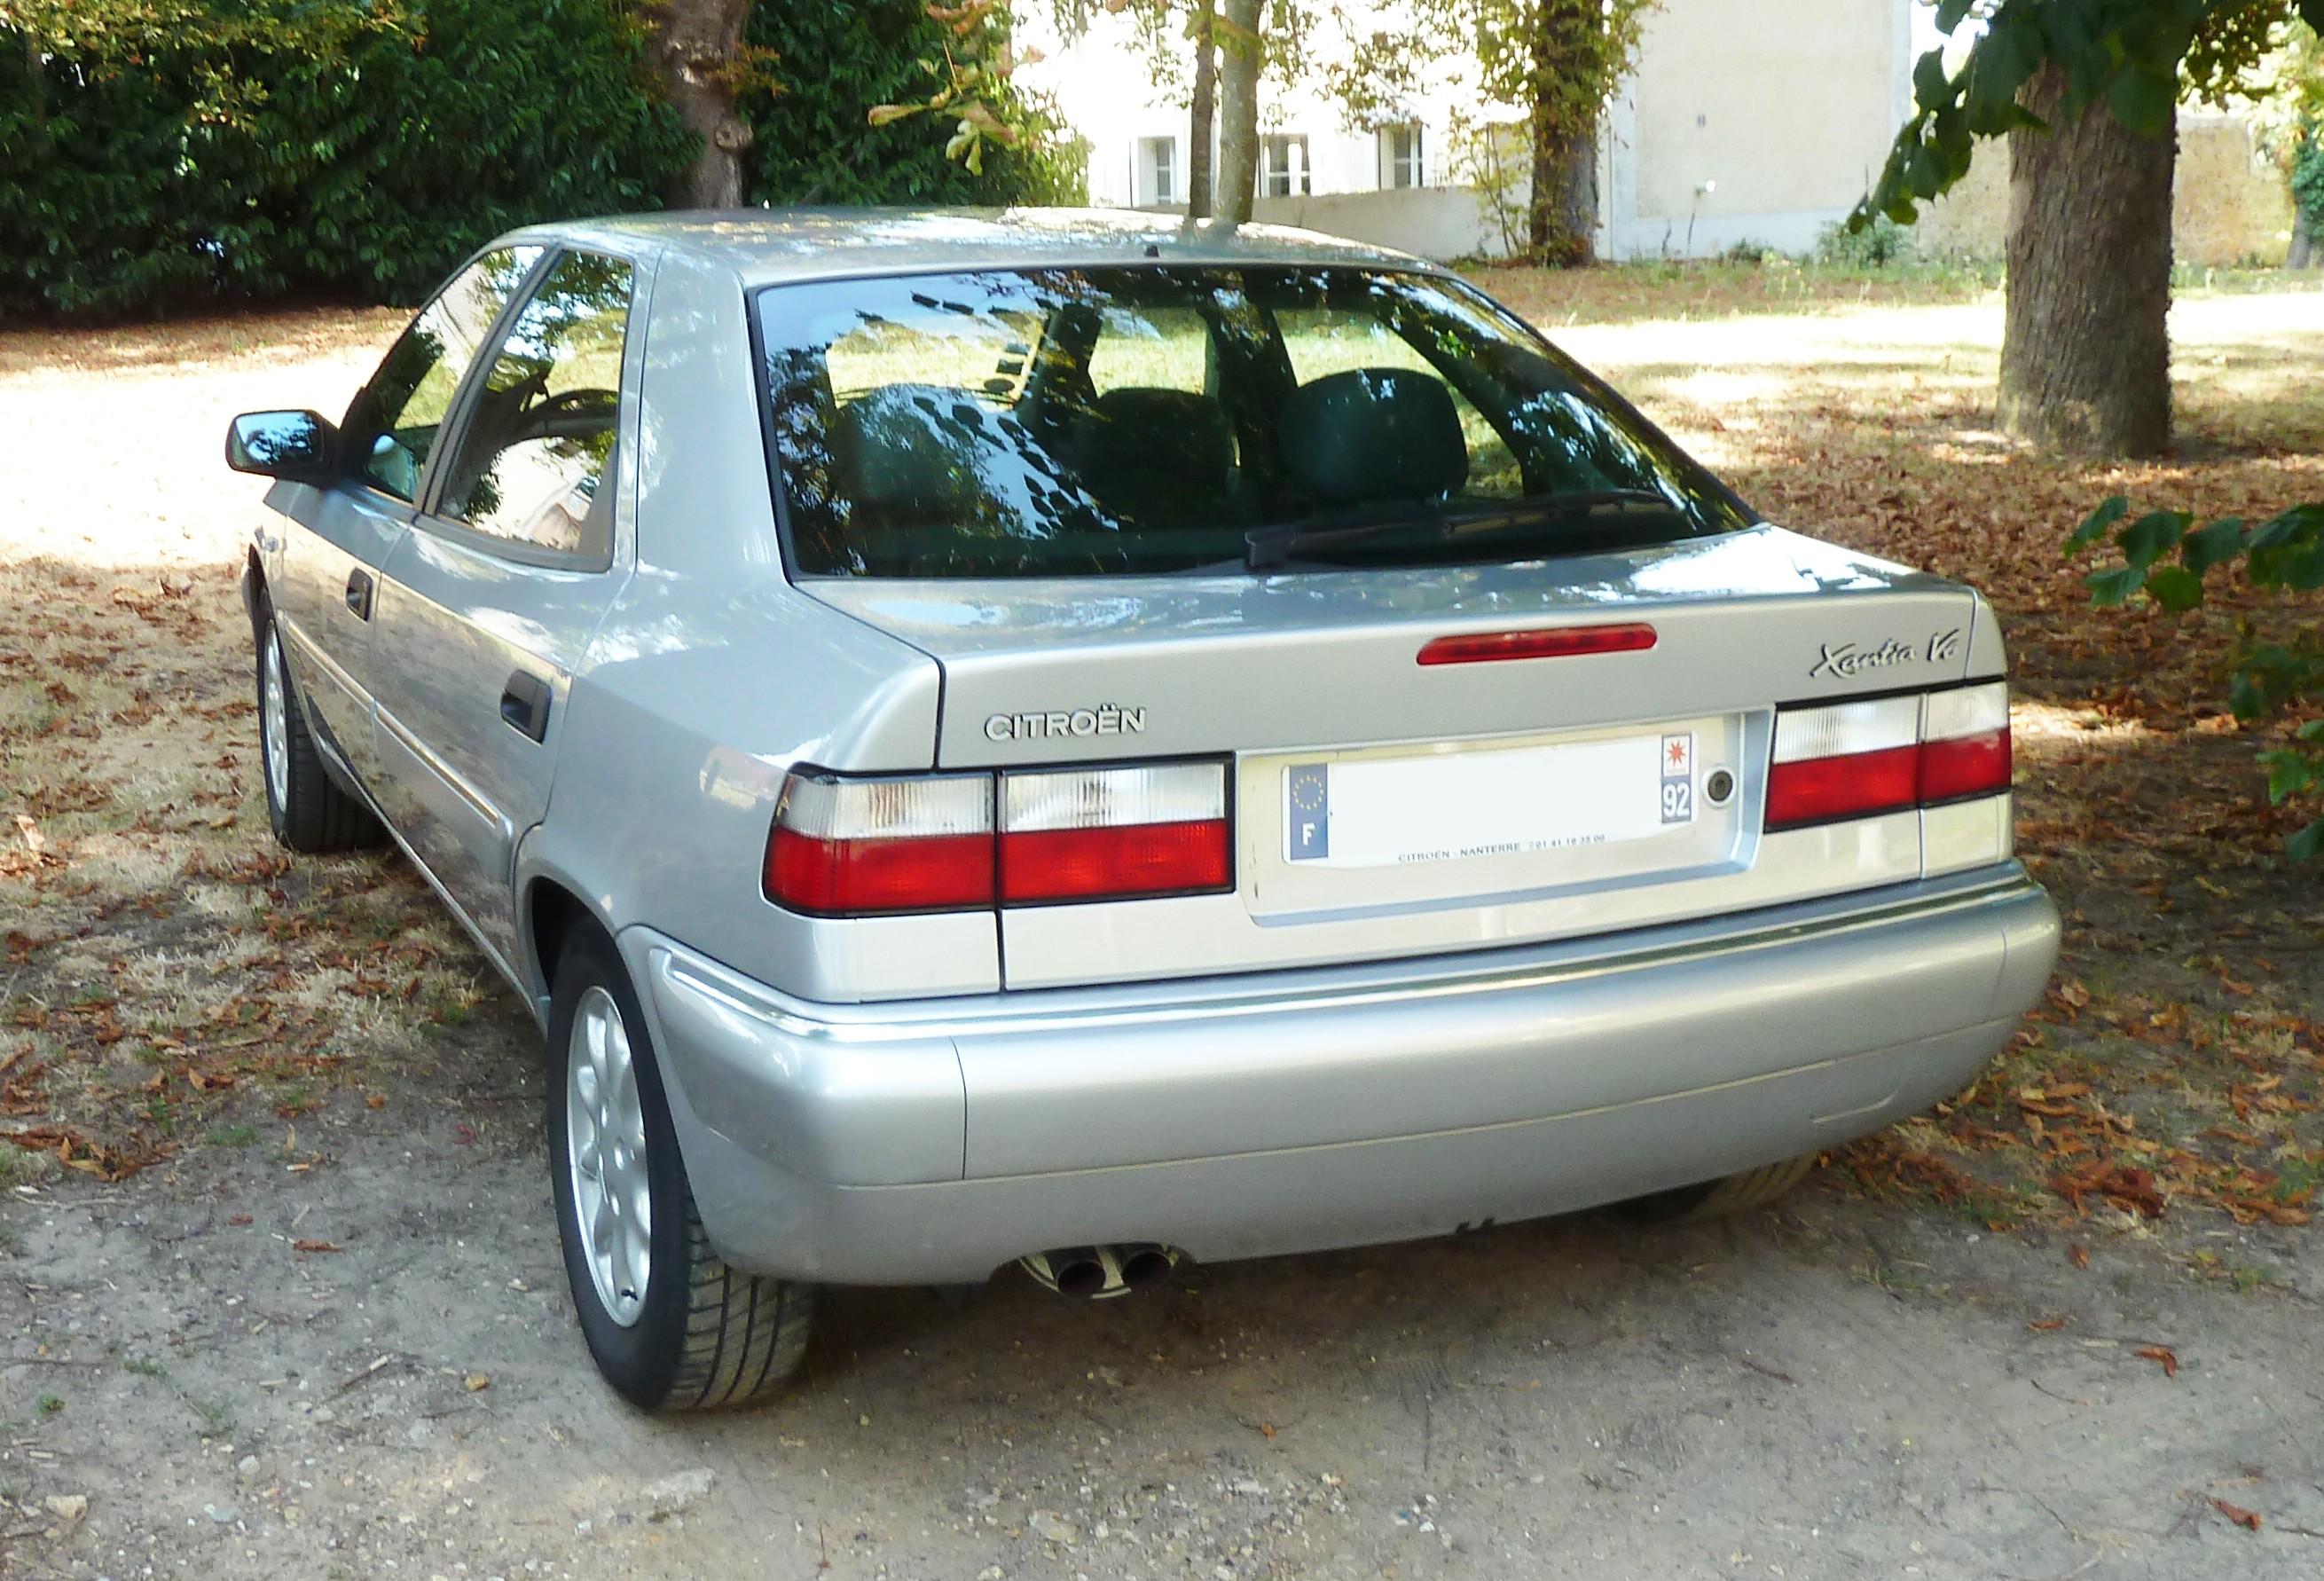 1997 Citroën Xantia activa V6 3.0